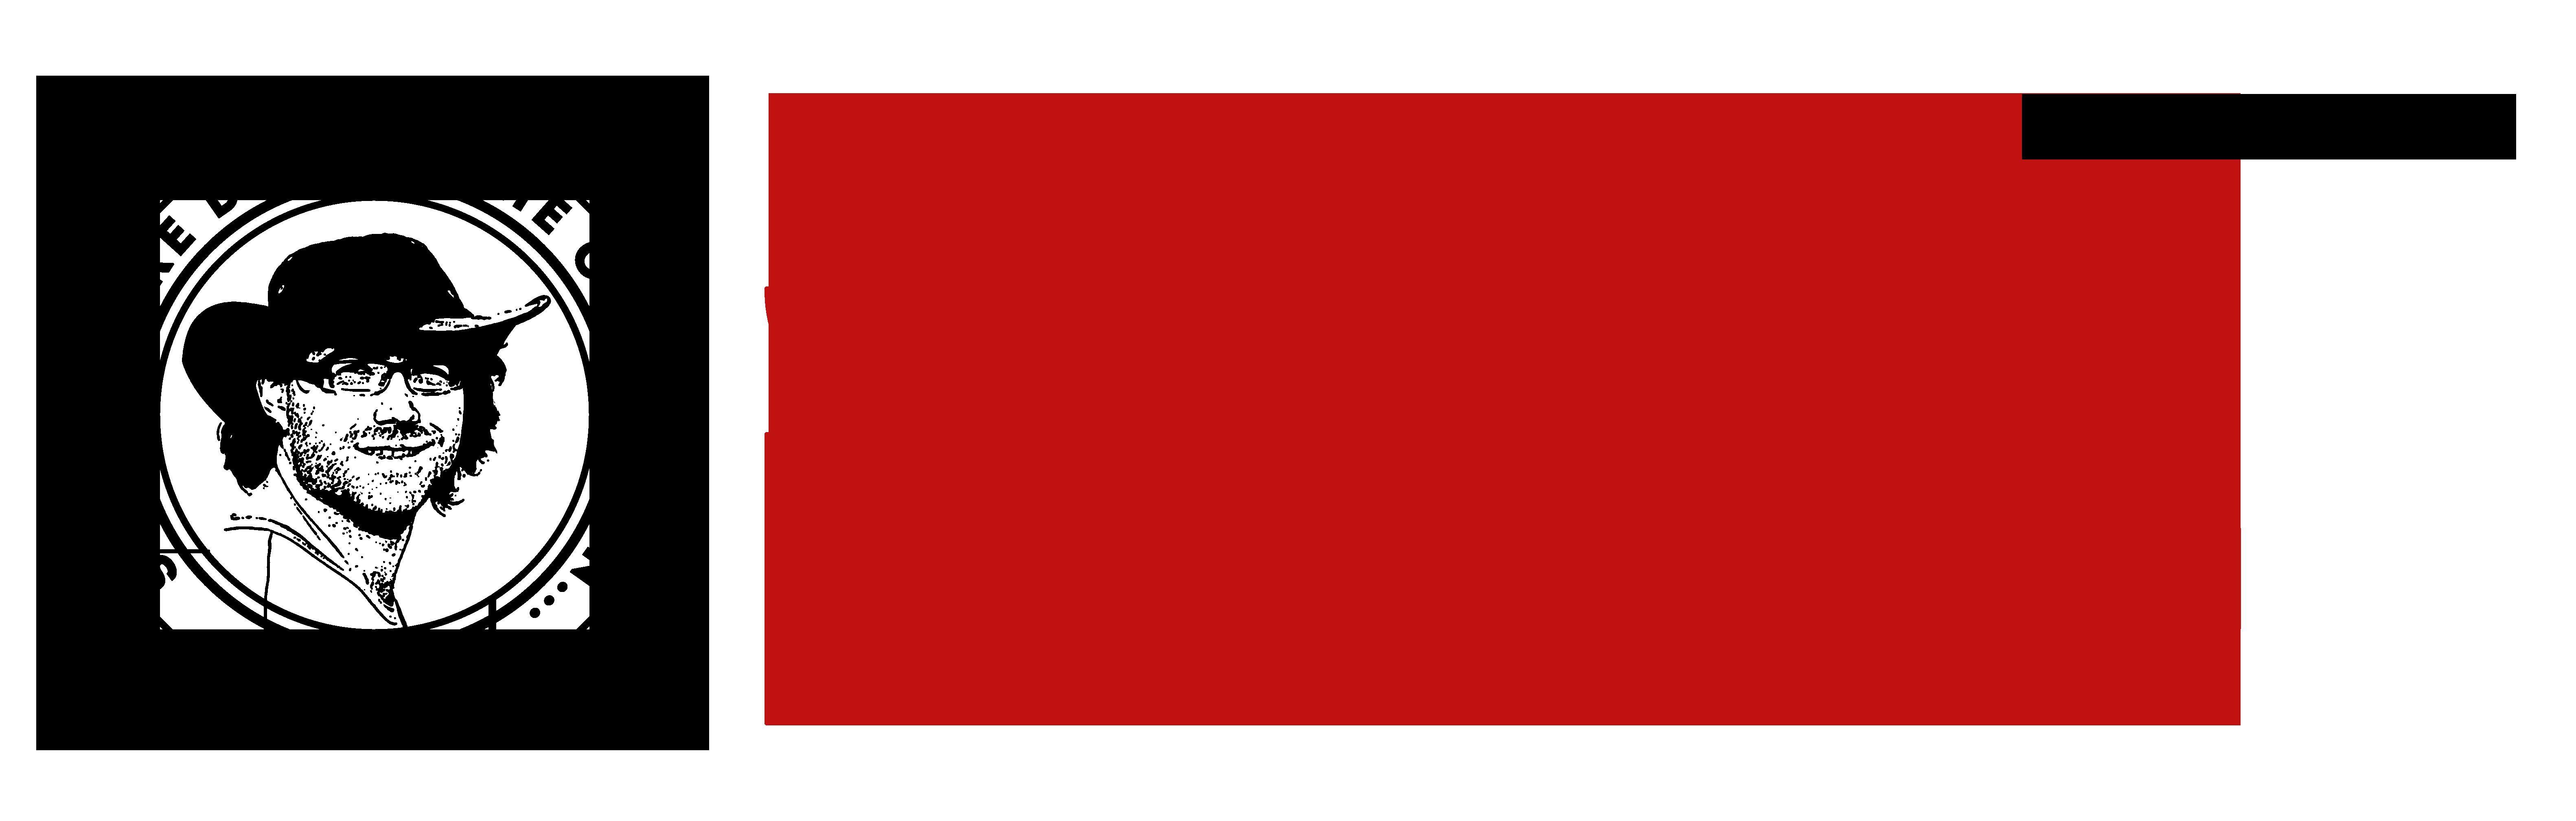 Jinja Island